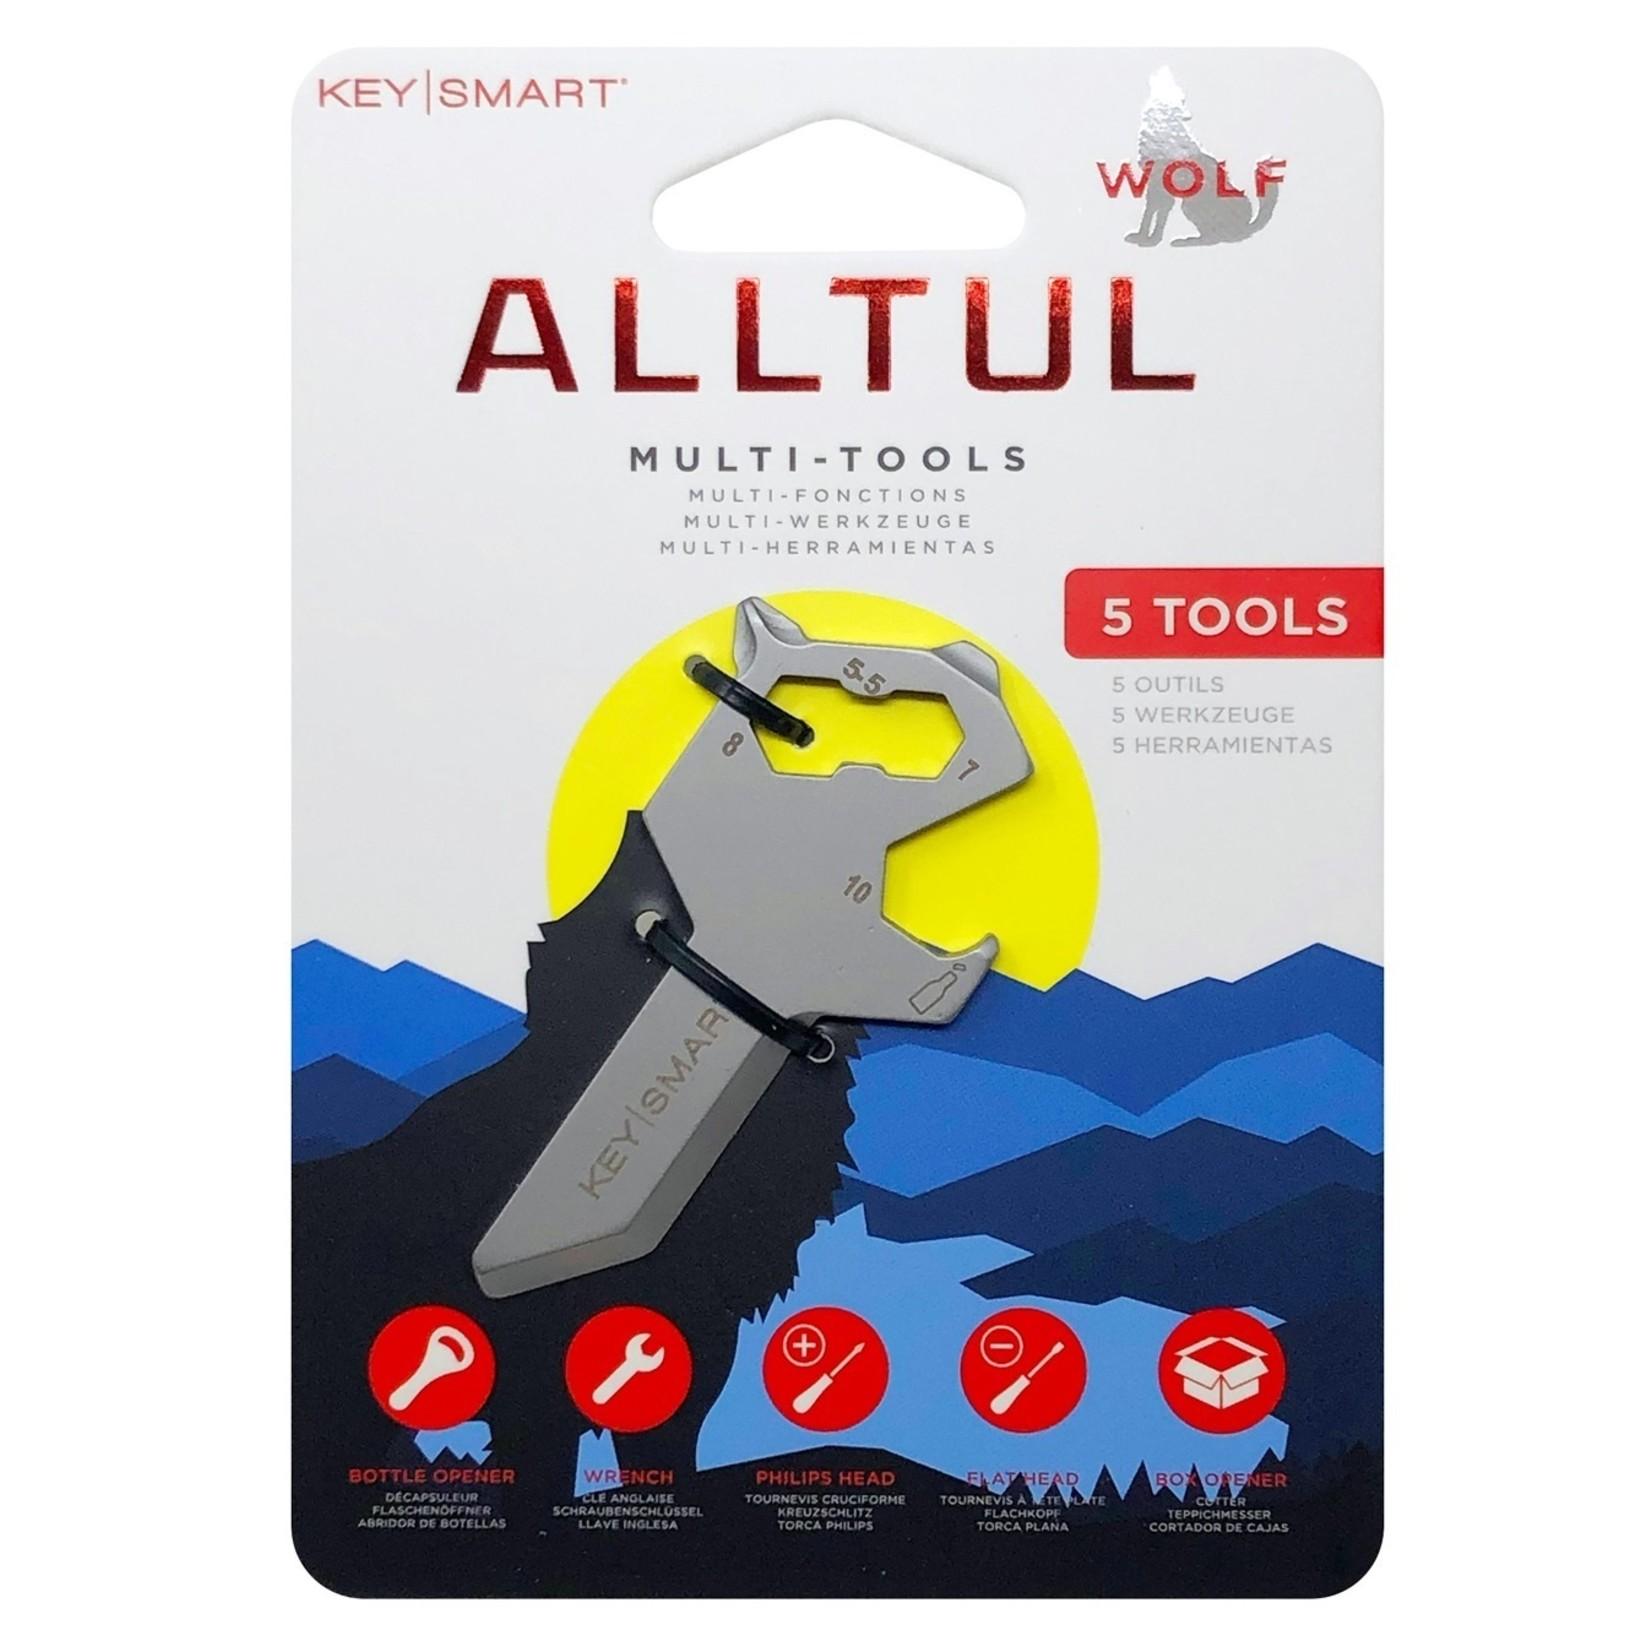 KeySmart KeySmart Alltul multitool Wolf